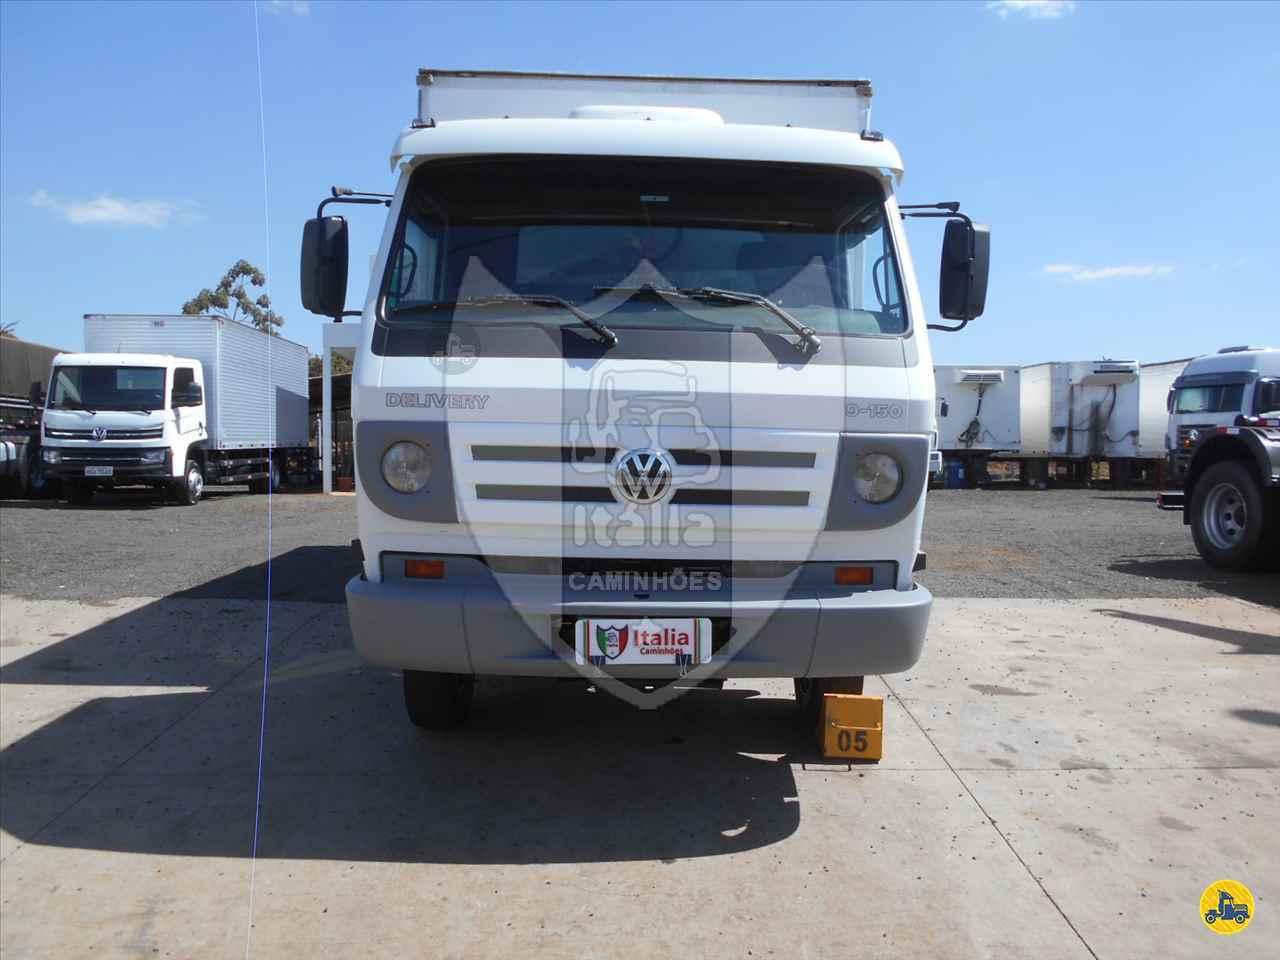 CAMINHAO VOLKSWAGEN VW 9150 Baú Furgão 3/4 4x2 Itália Caminhões RIBEIRAO PRETO SÃO PAULO SP